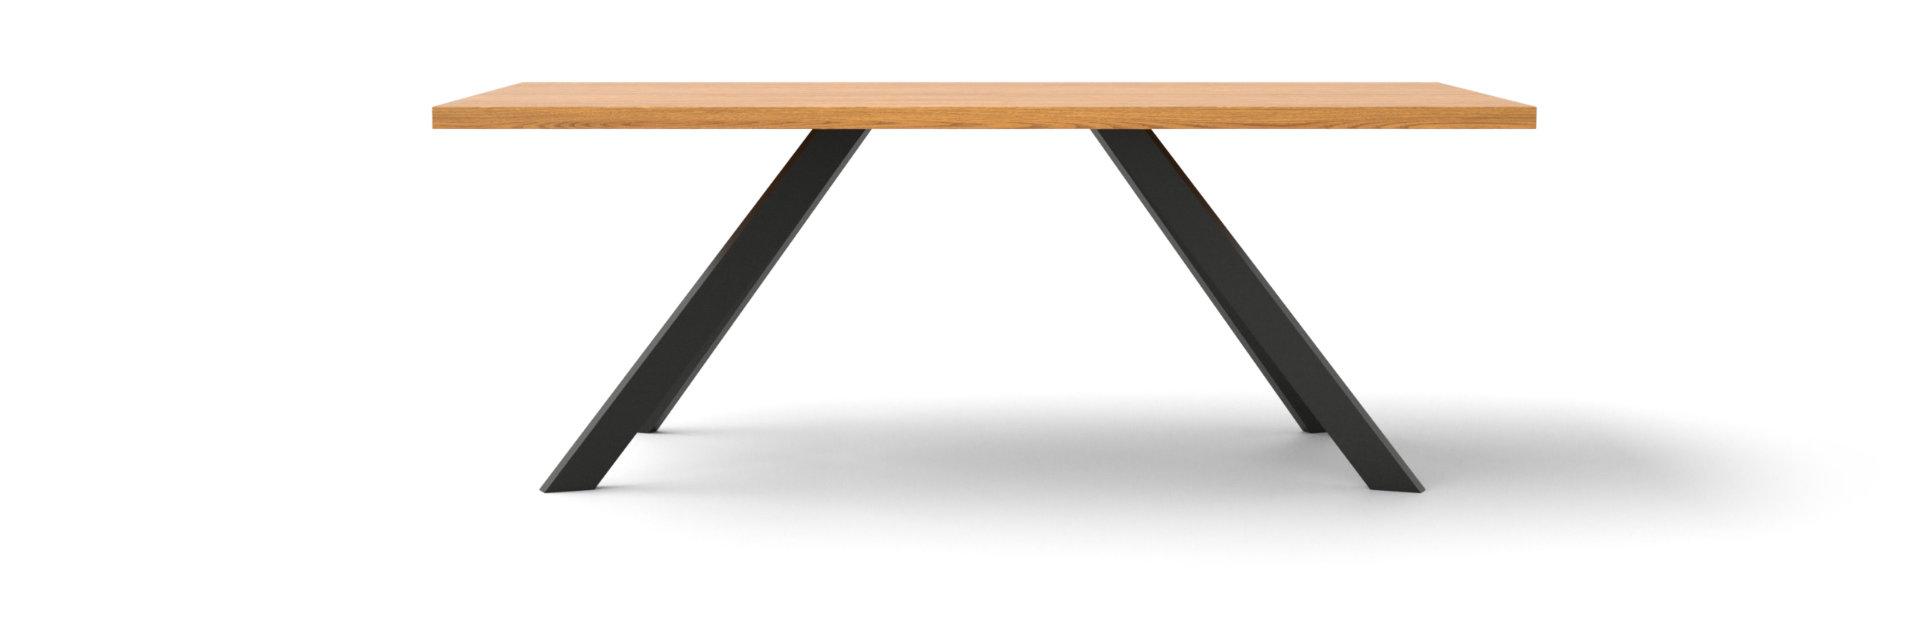 Stół Livo - Adwood